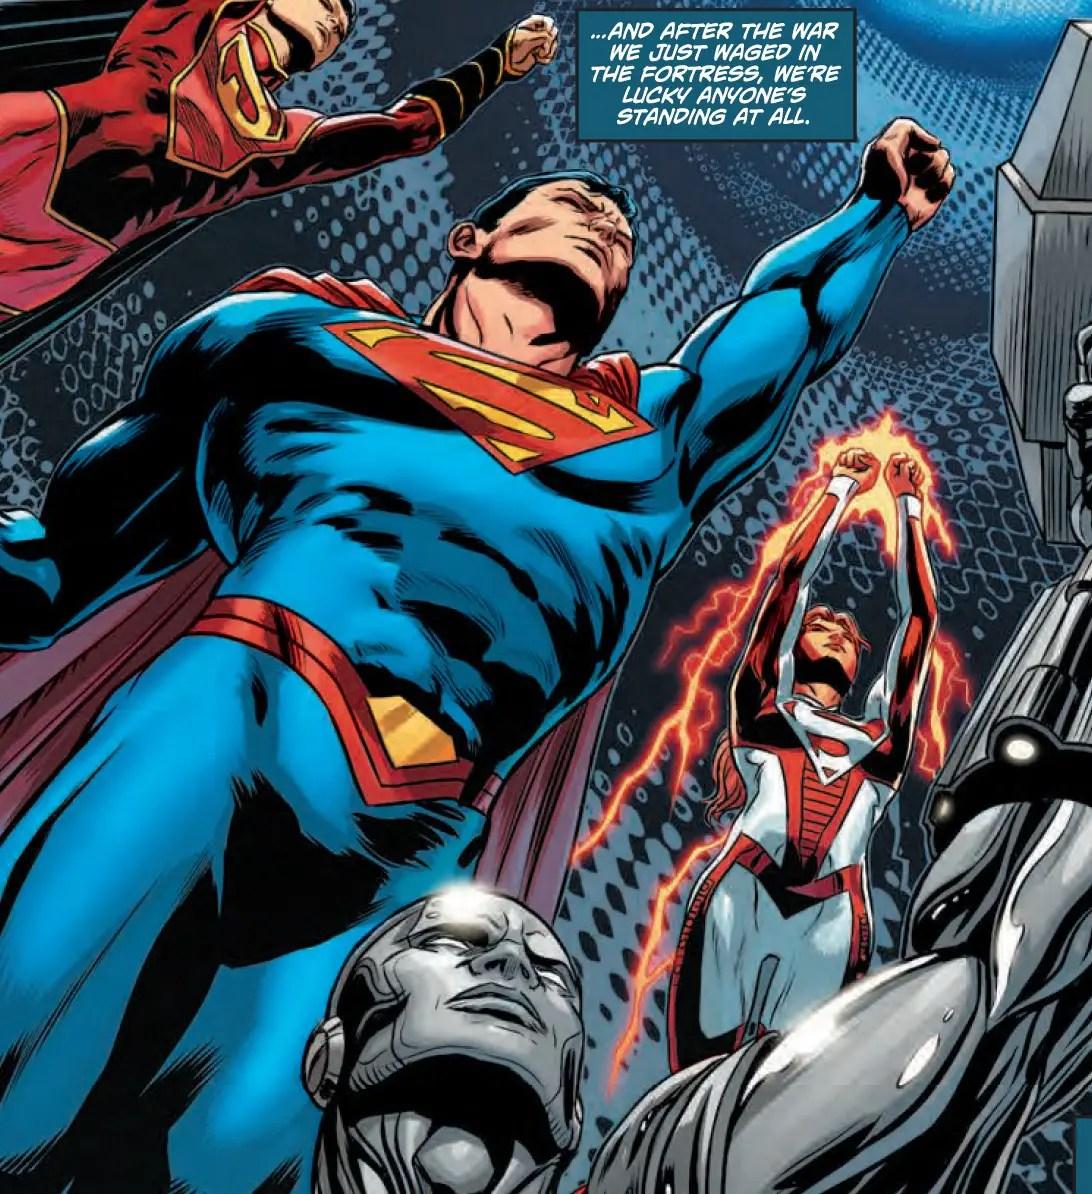 Action Comics #984 Review